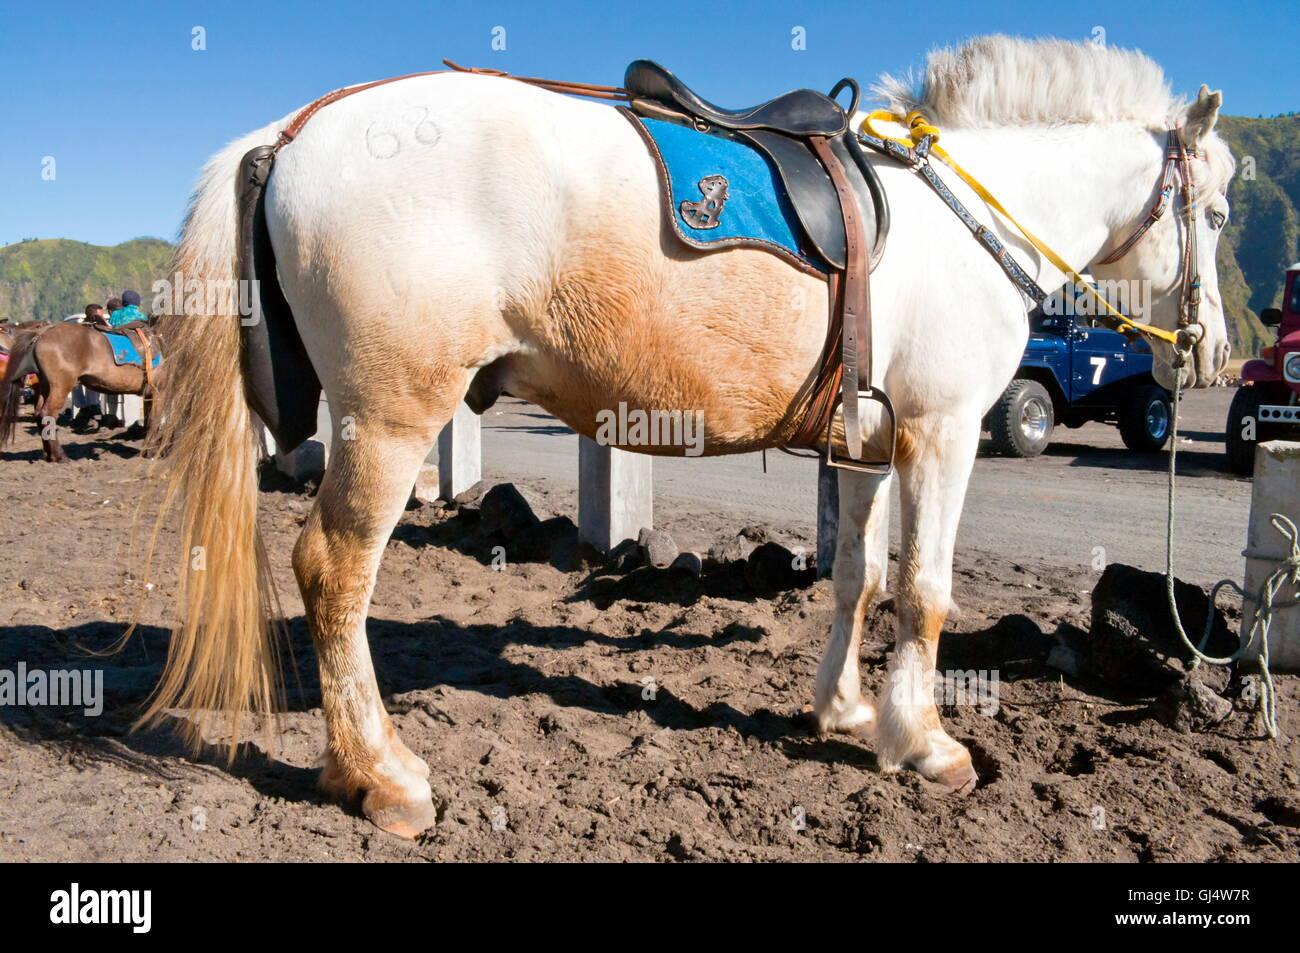 White and Orange Horse - Stock Image